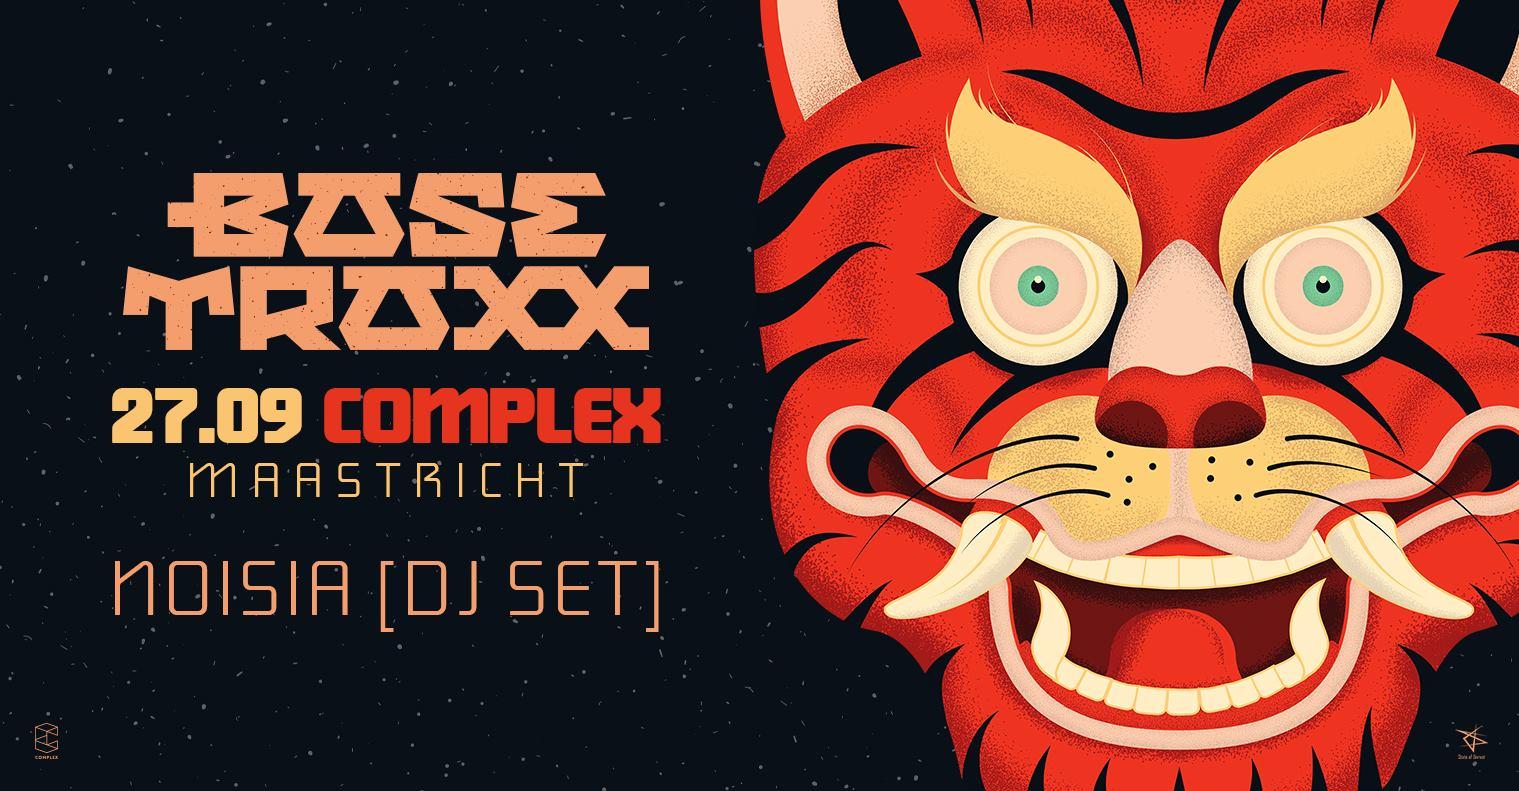 BASE TRAXX / Noisia (Dj Set)